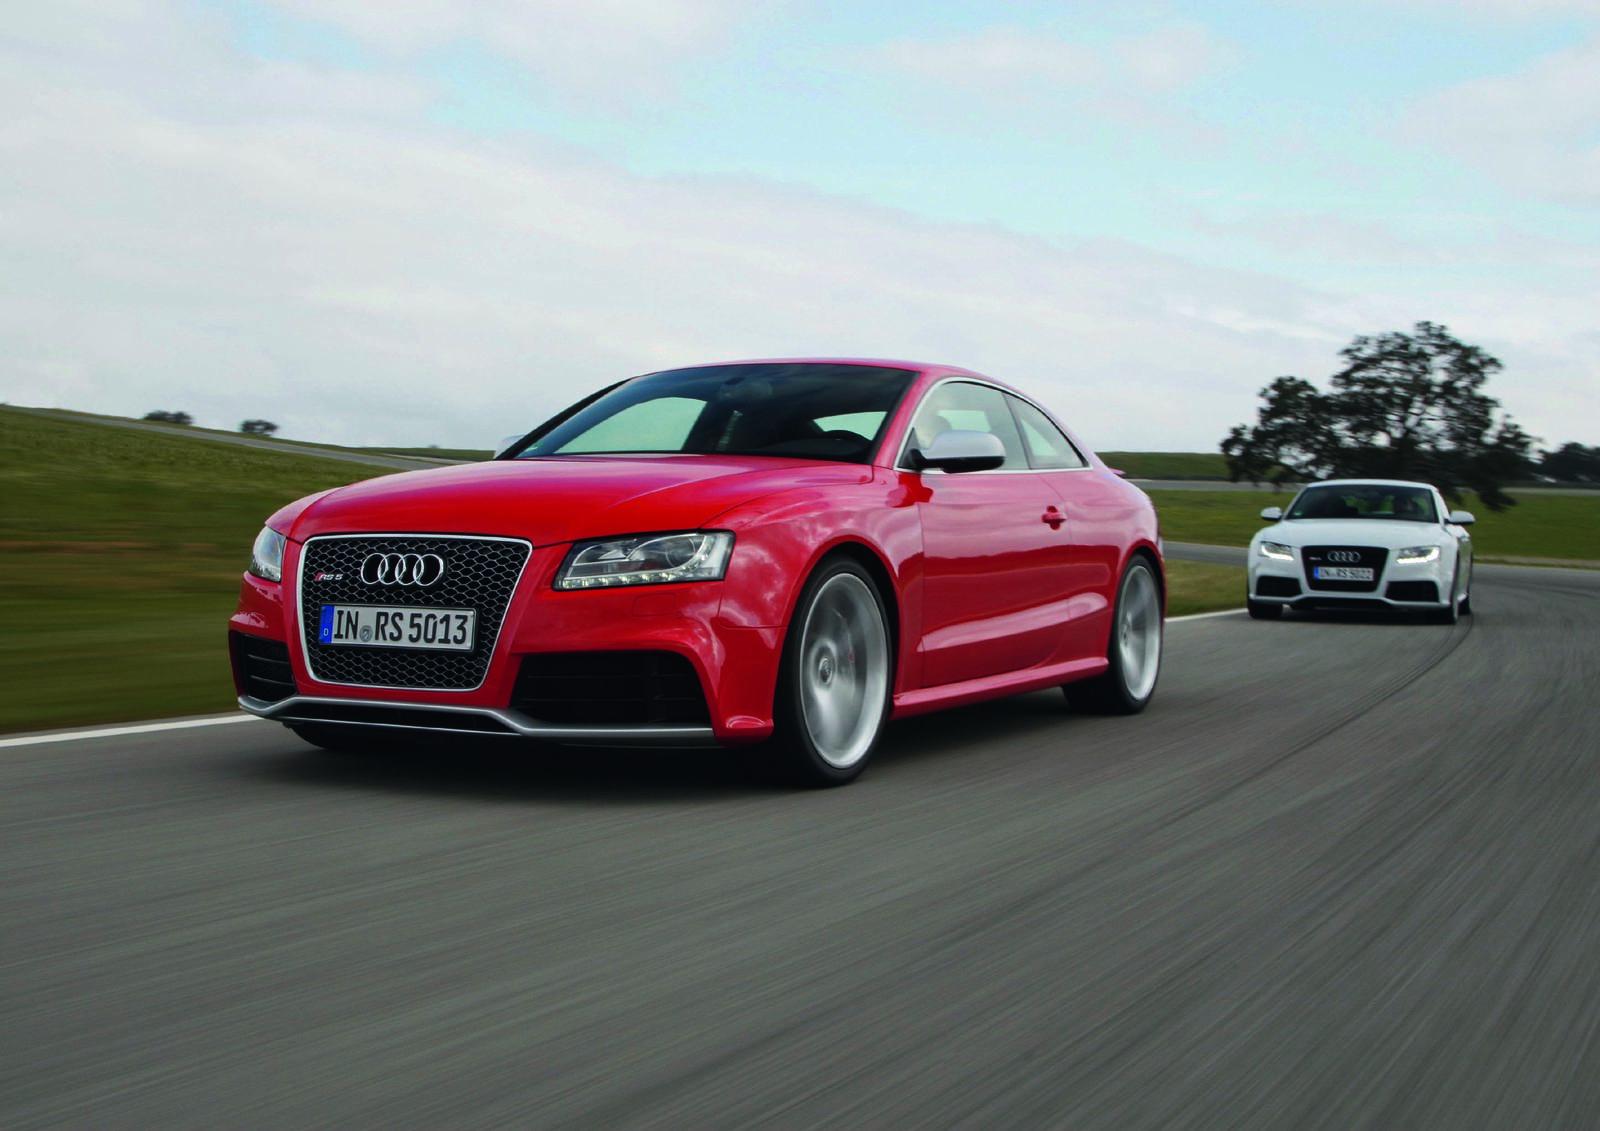 Audi Rs5 Hd Wallpaper Download